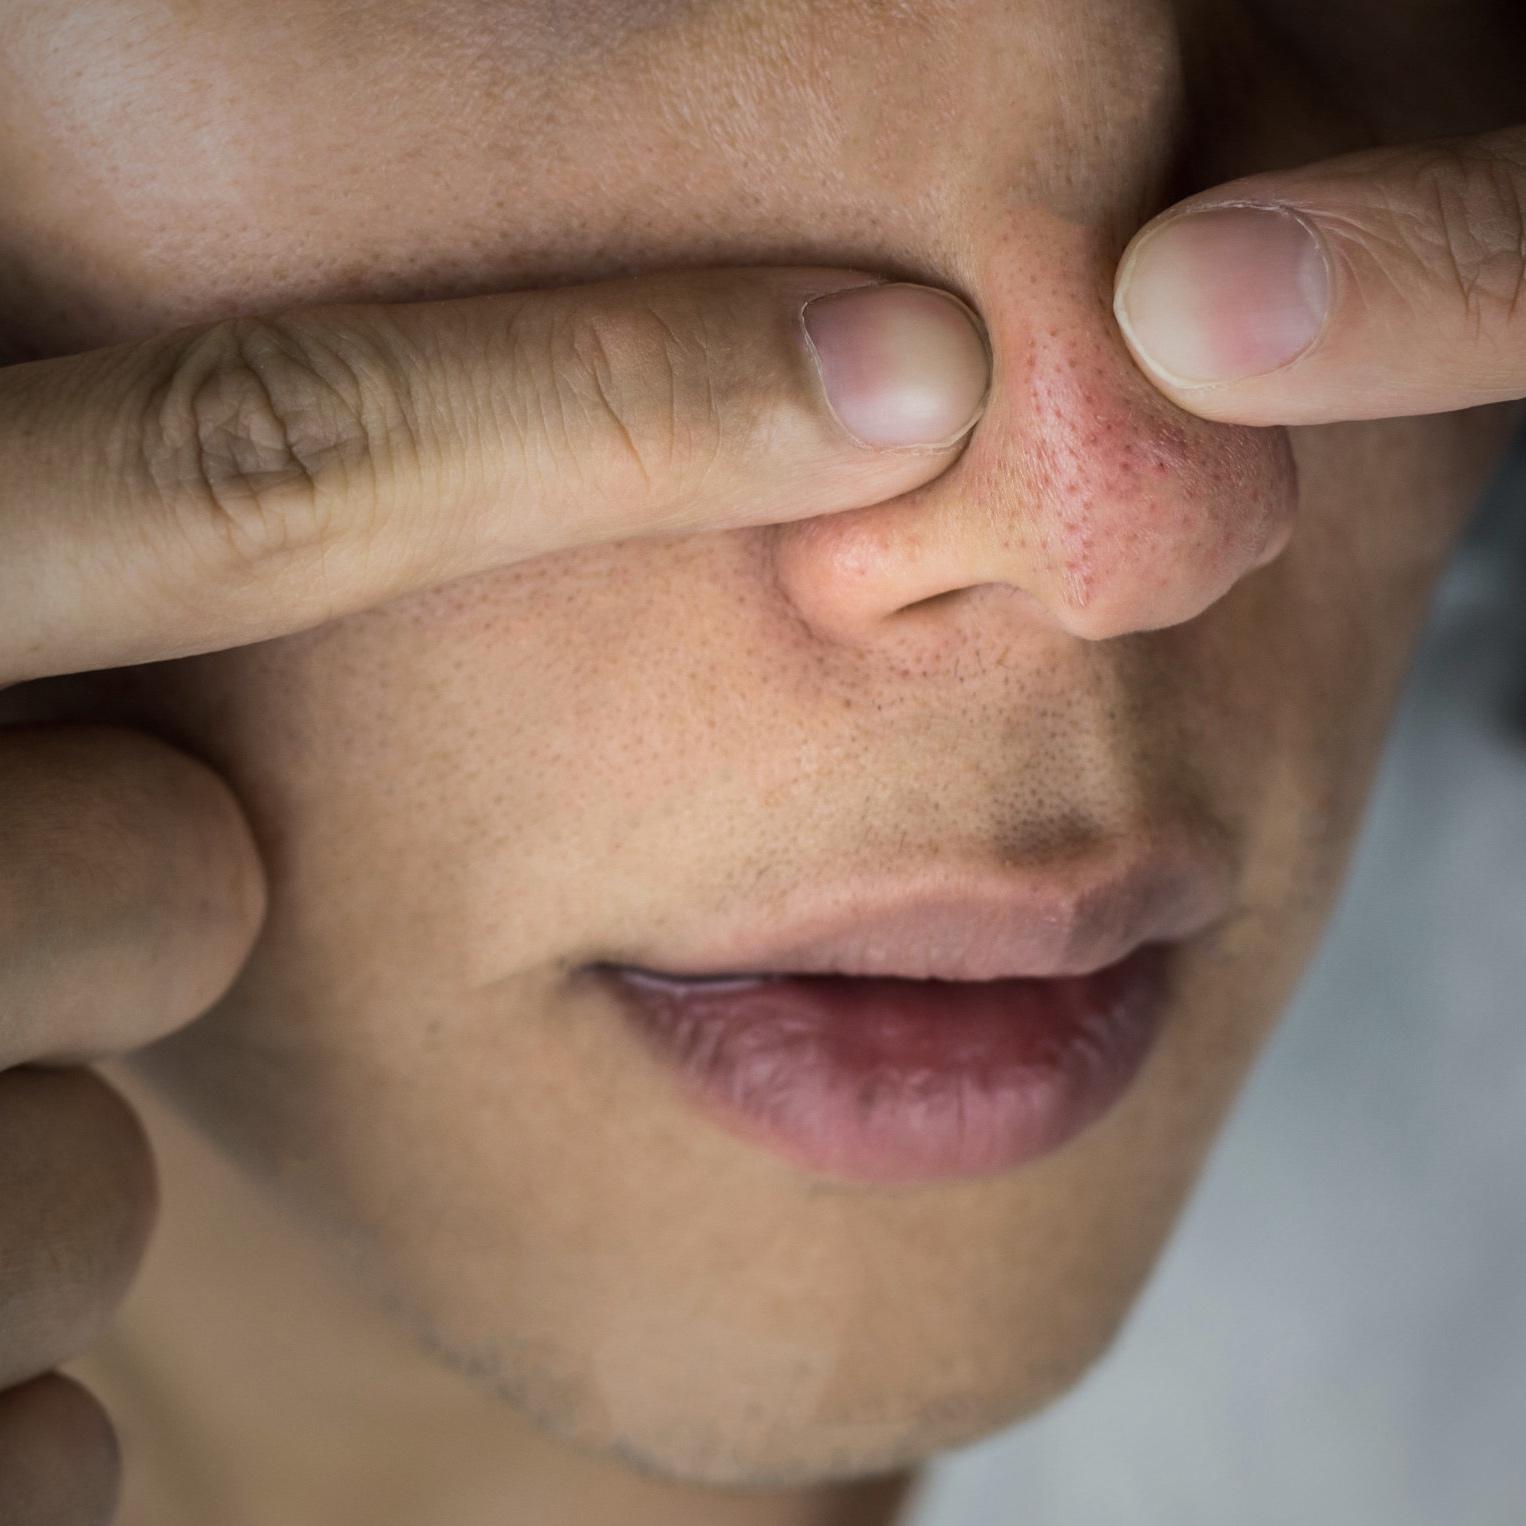 squeezing+nose+pores.jpg